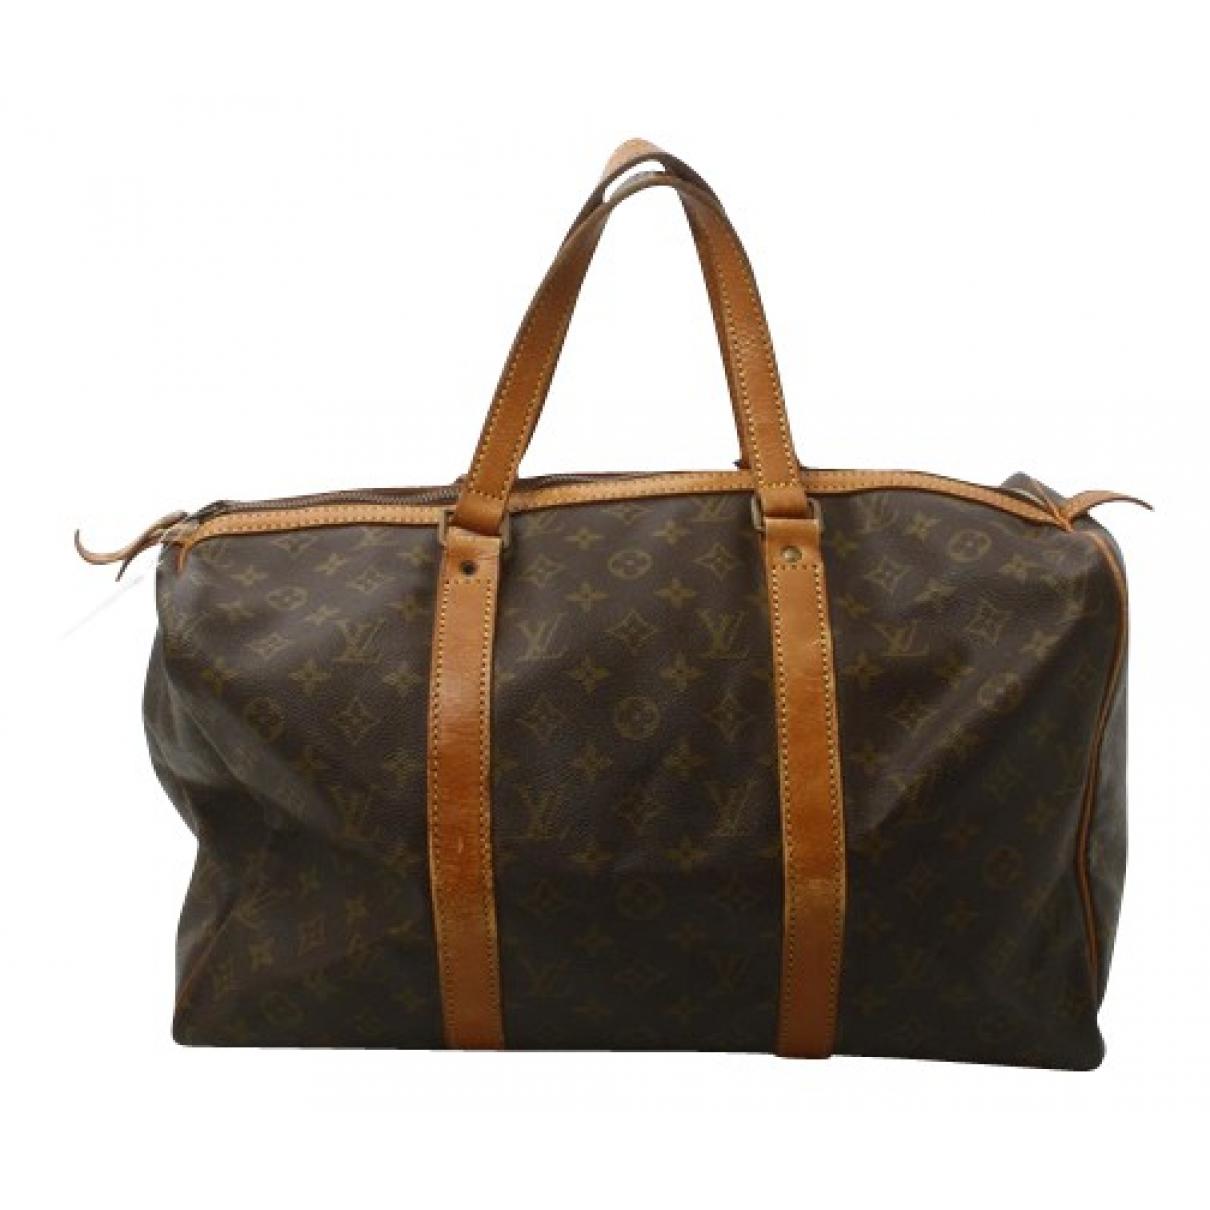 Louis Vuitton - Sac de voyage Sac souple  pour femme en toile - marron